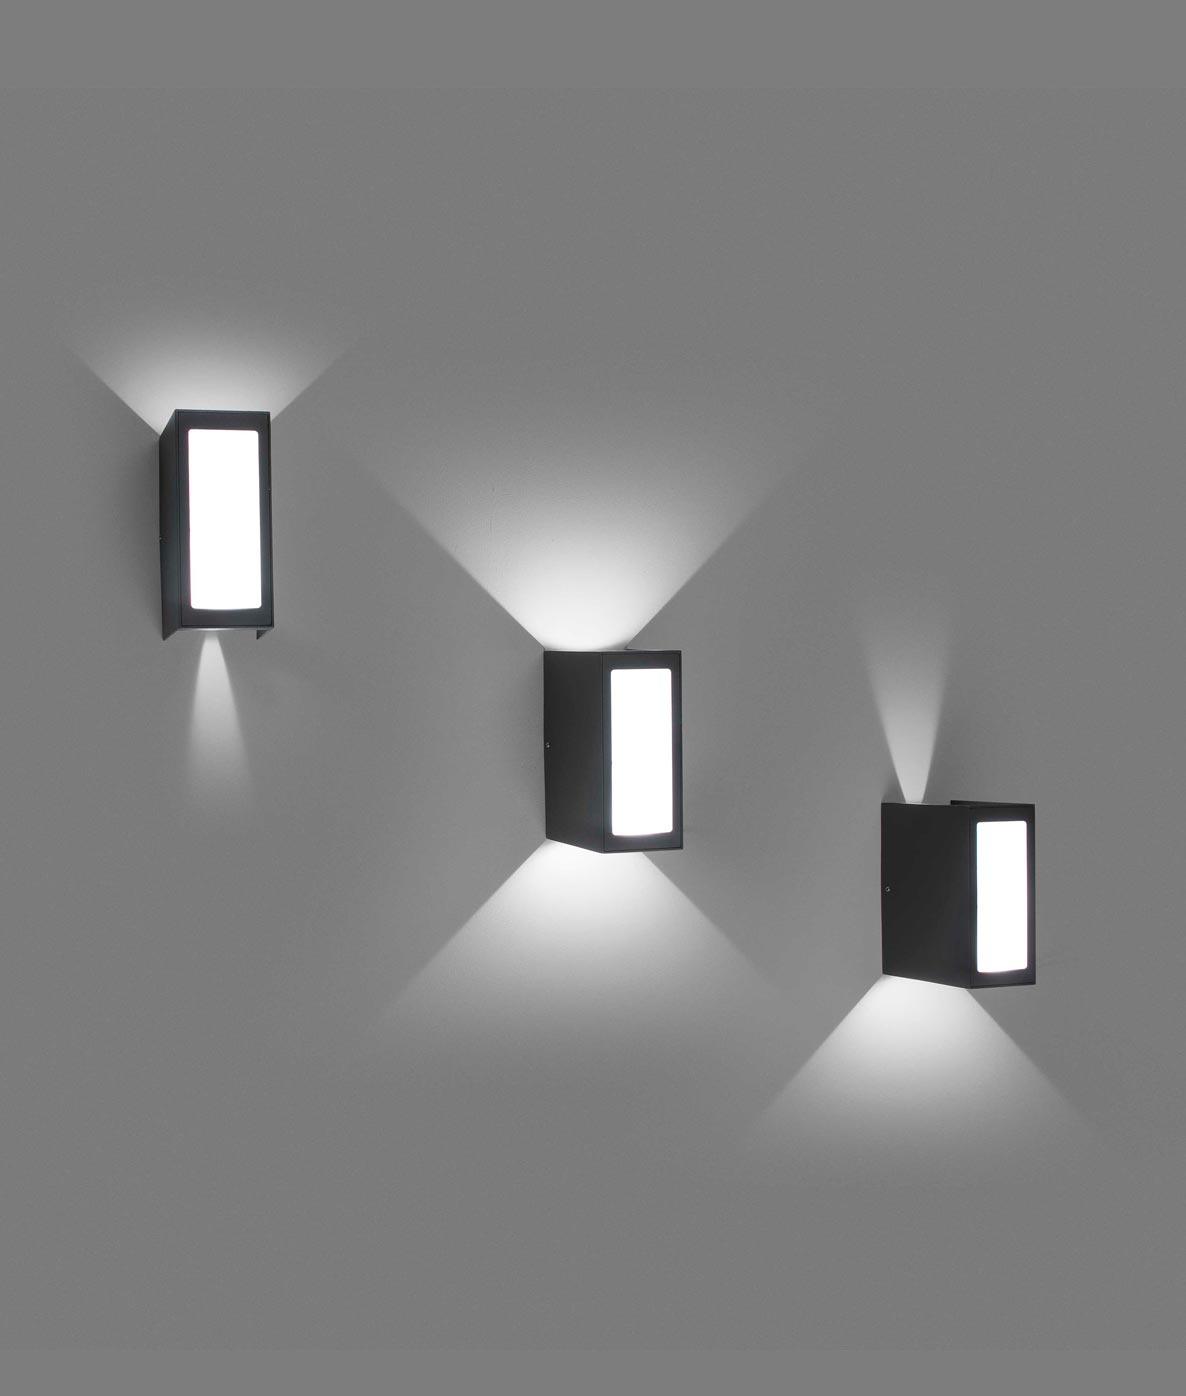 Aplique exterior ⋆ LOG la Lámpara LED La decorativo Casa de cTF1l3KJ